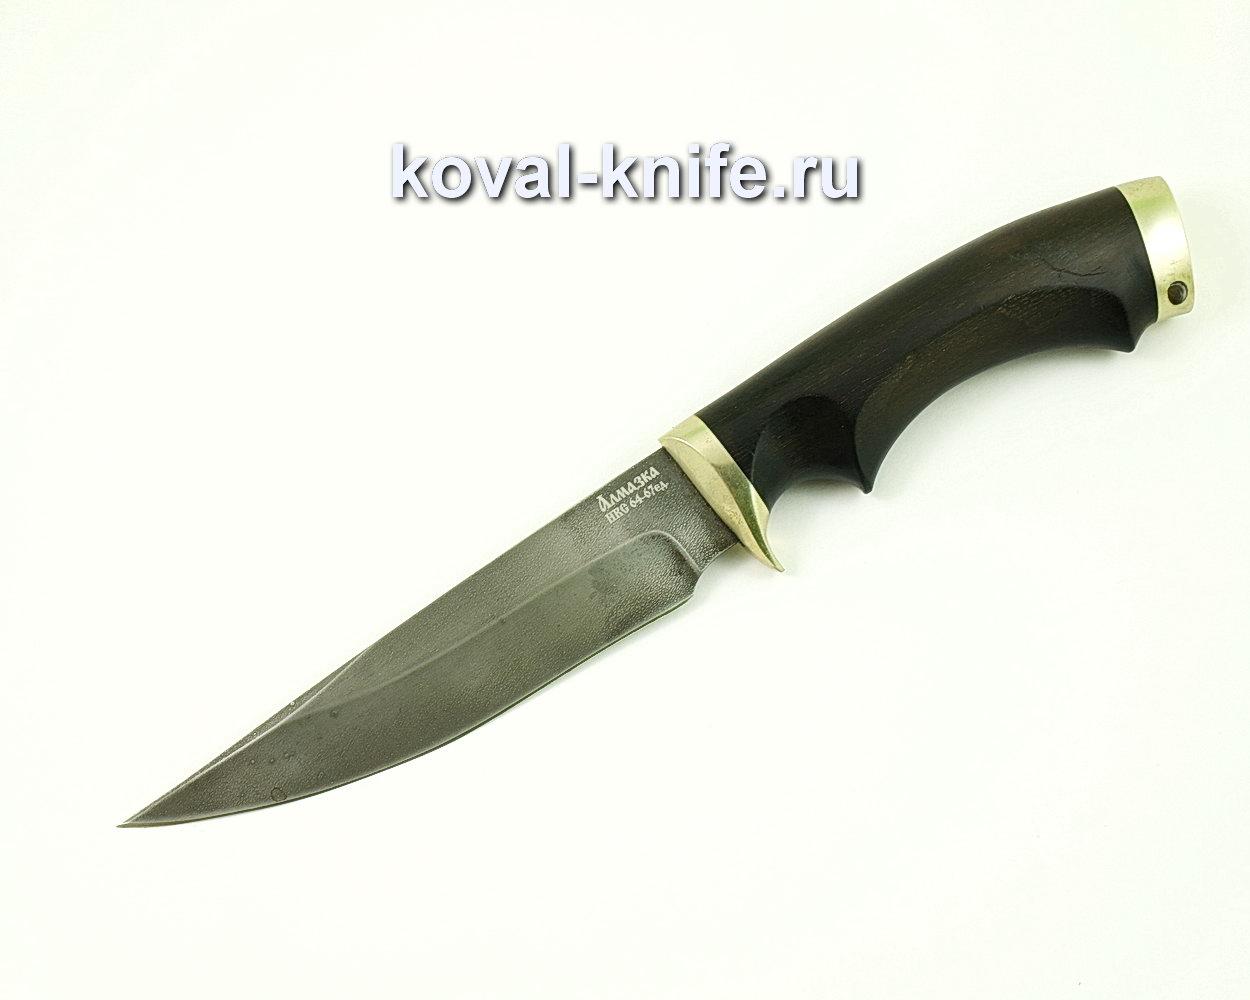 Нож Лис из Алмазной стали (ХВ5, рукоять граб) A419